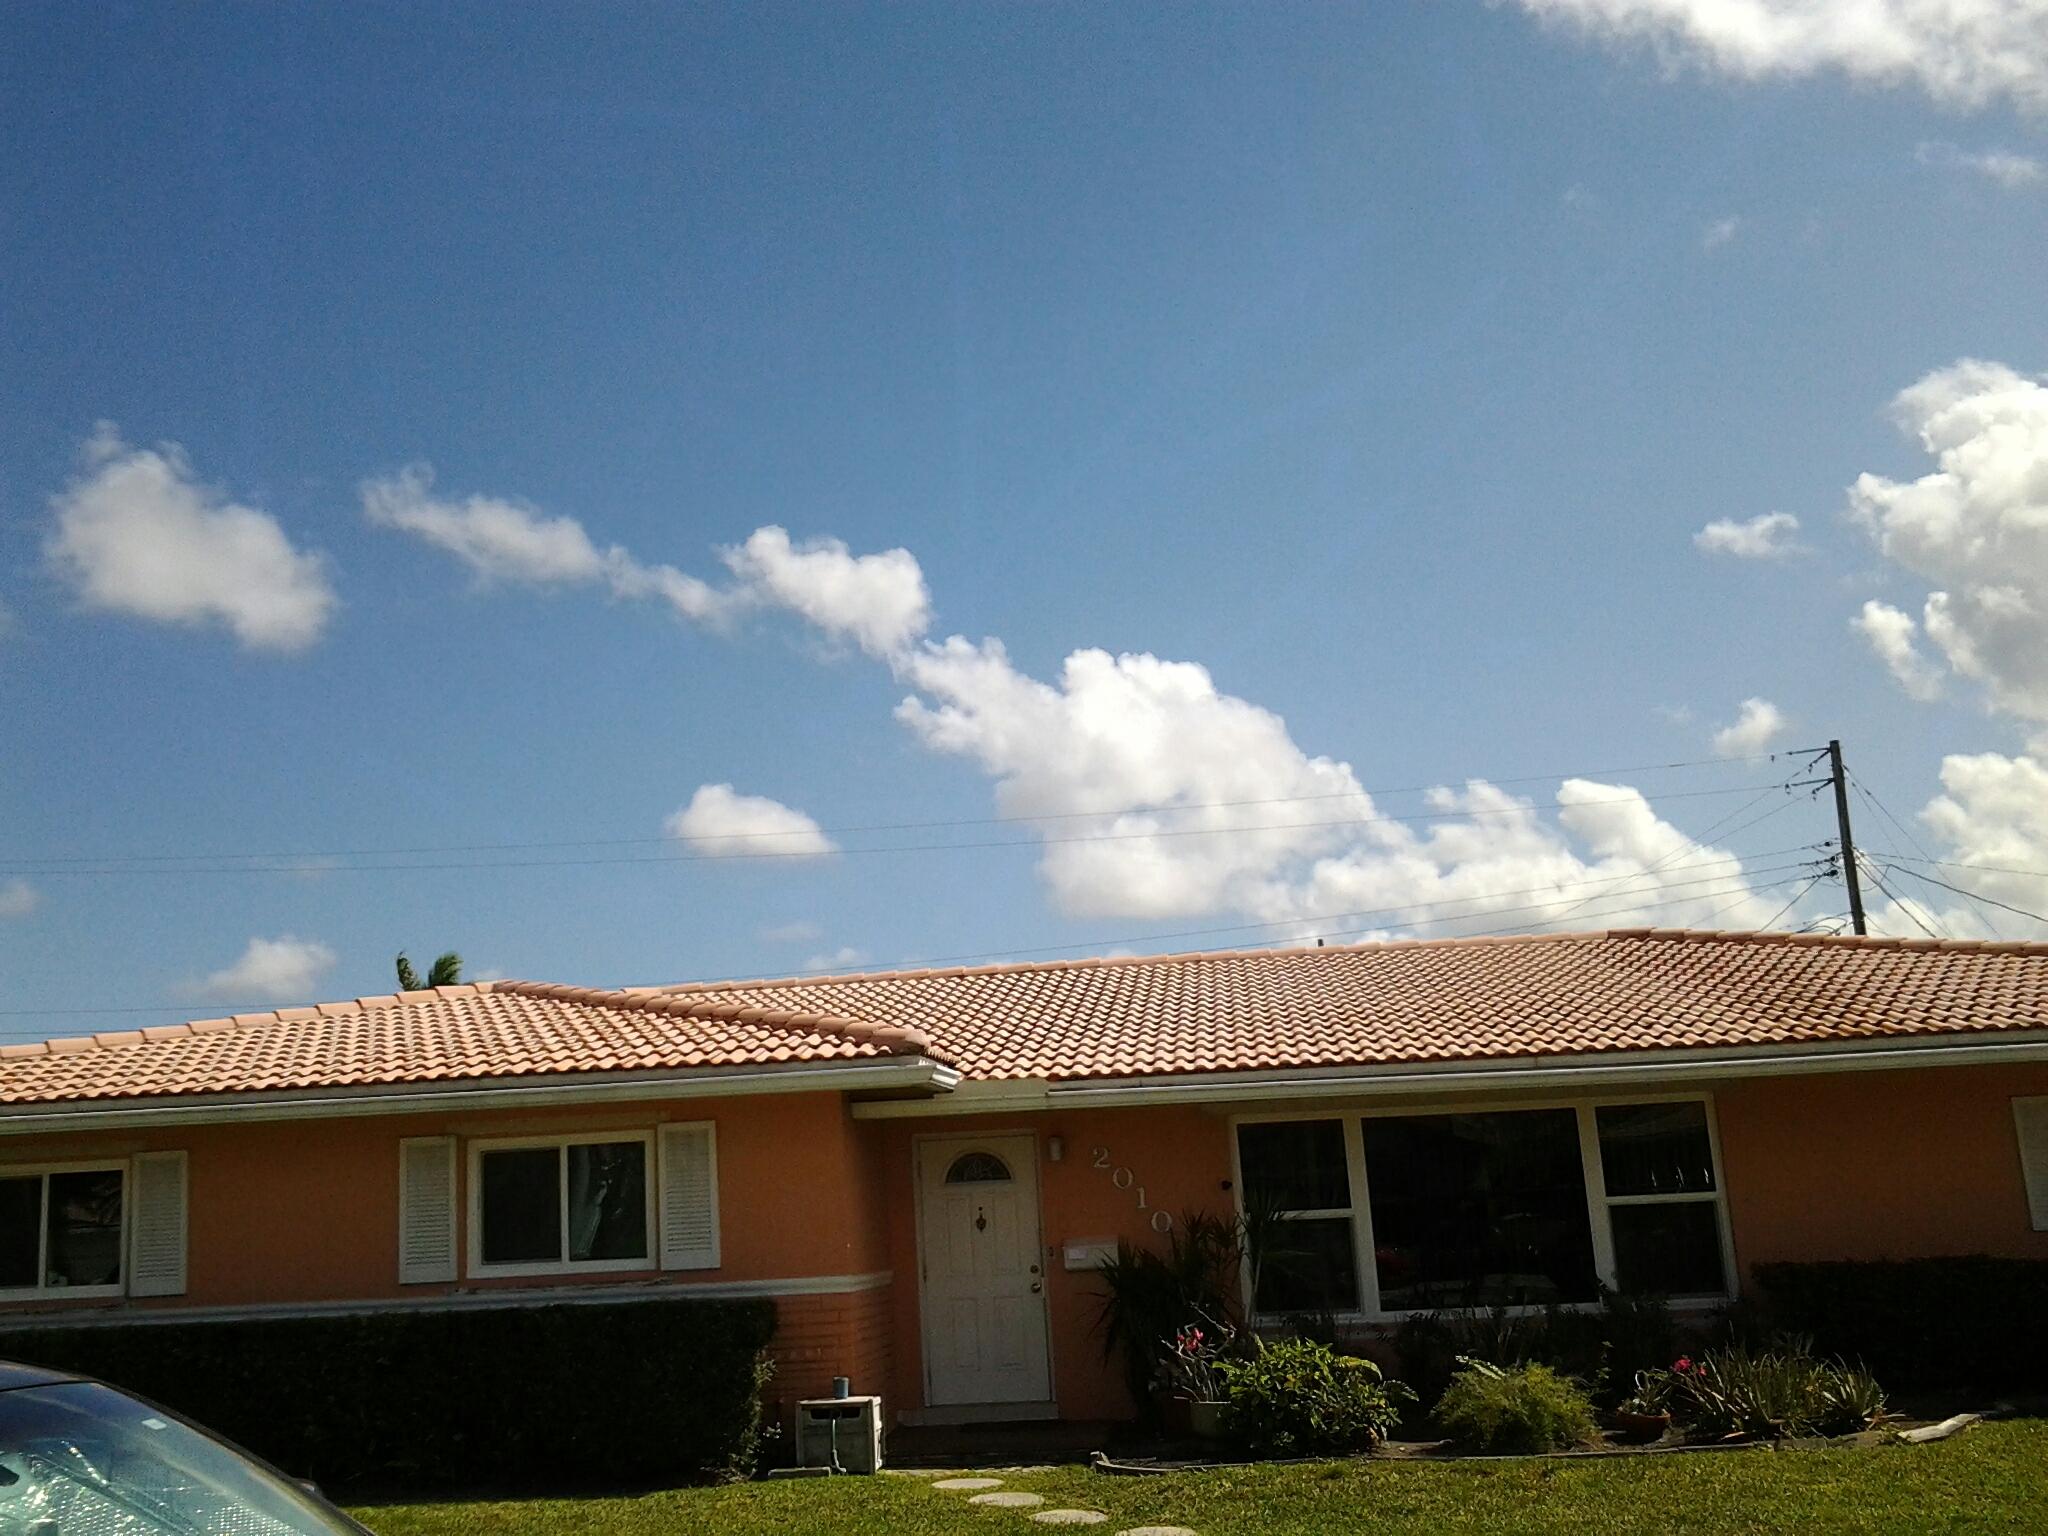 Surfside, FL - Roof acids roof